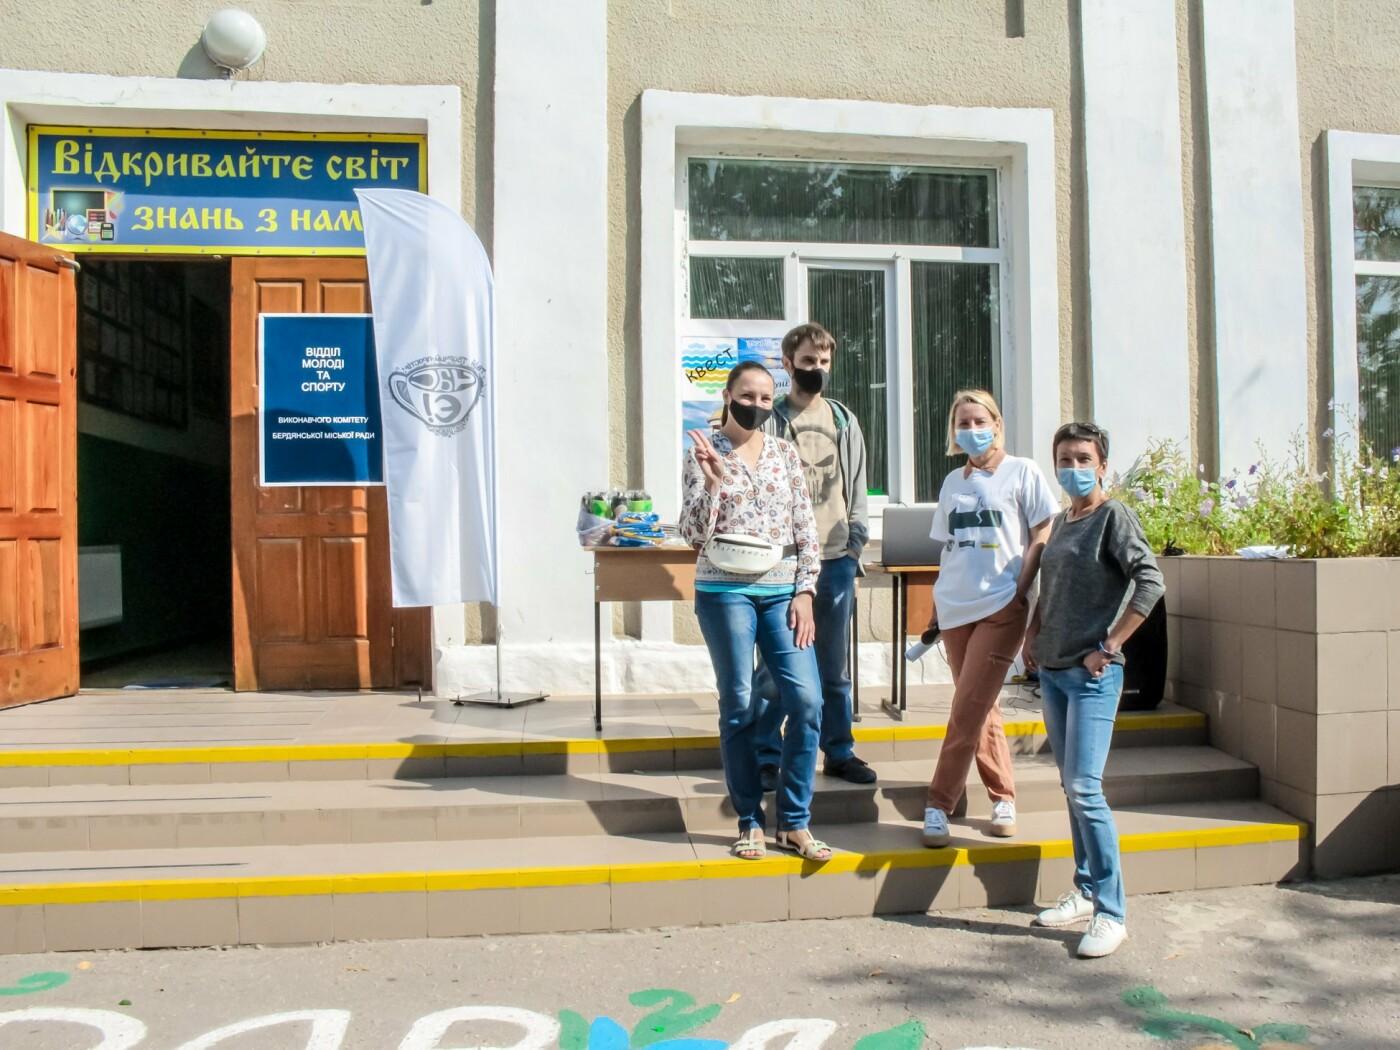 Бердянская активистка Алла Мельничук: «Всё новое и креативное стараюсь привнести  в работу антикафе», фото-10